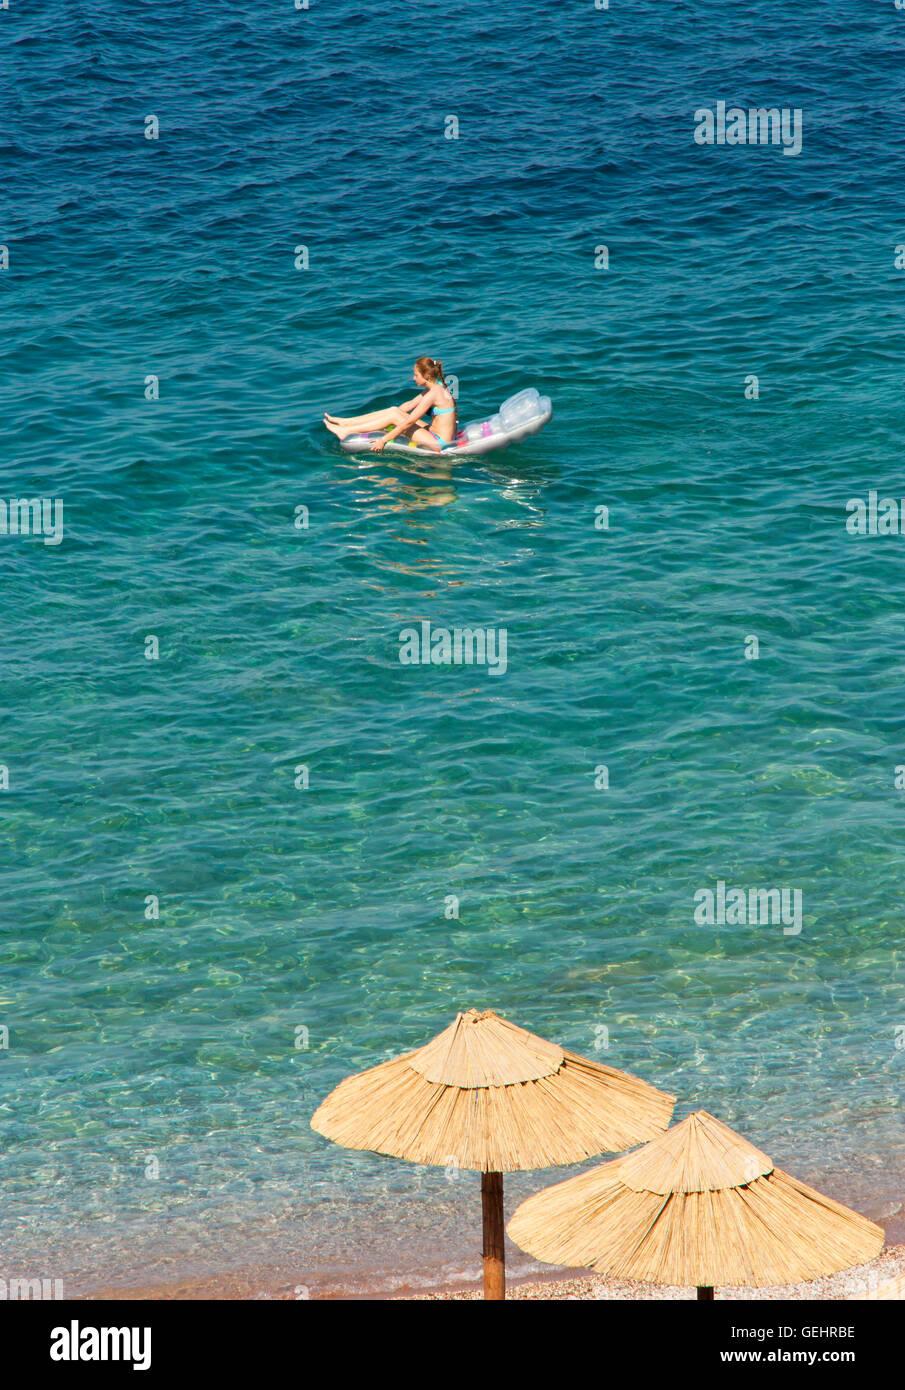 Jeune fille sur matelas gonflable dans la mer s'éloigner de la rive Banque D'Images